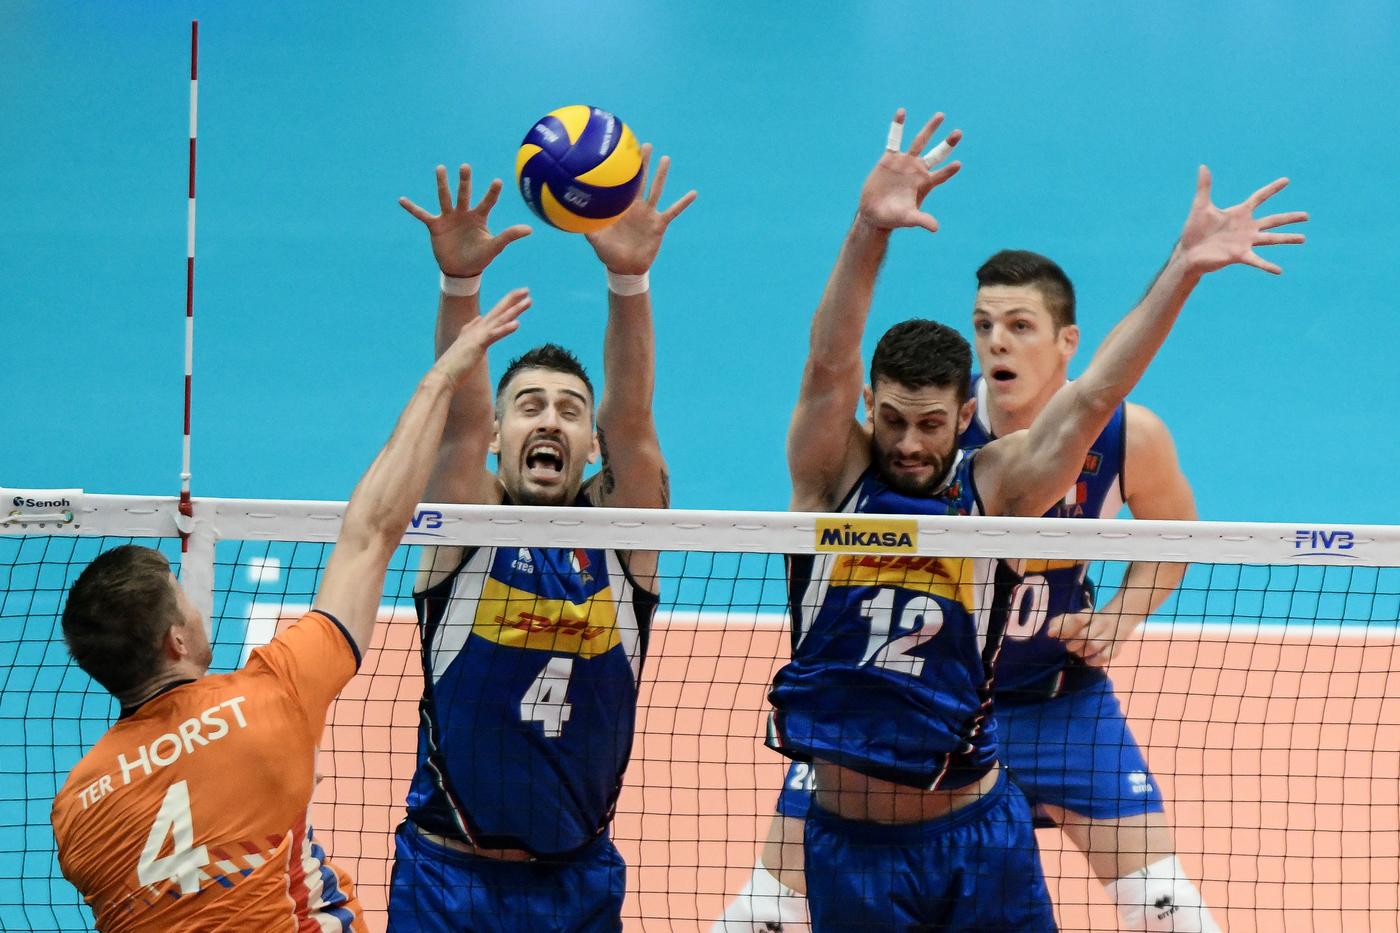 Volley, Zaytsev e la proposta di matrimonio: